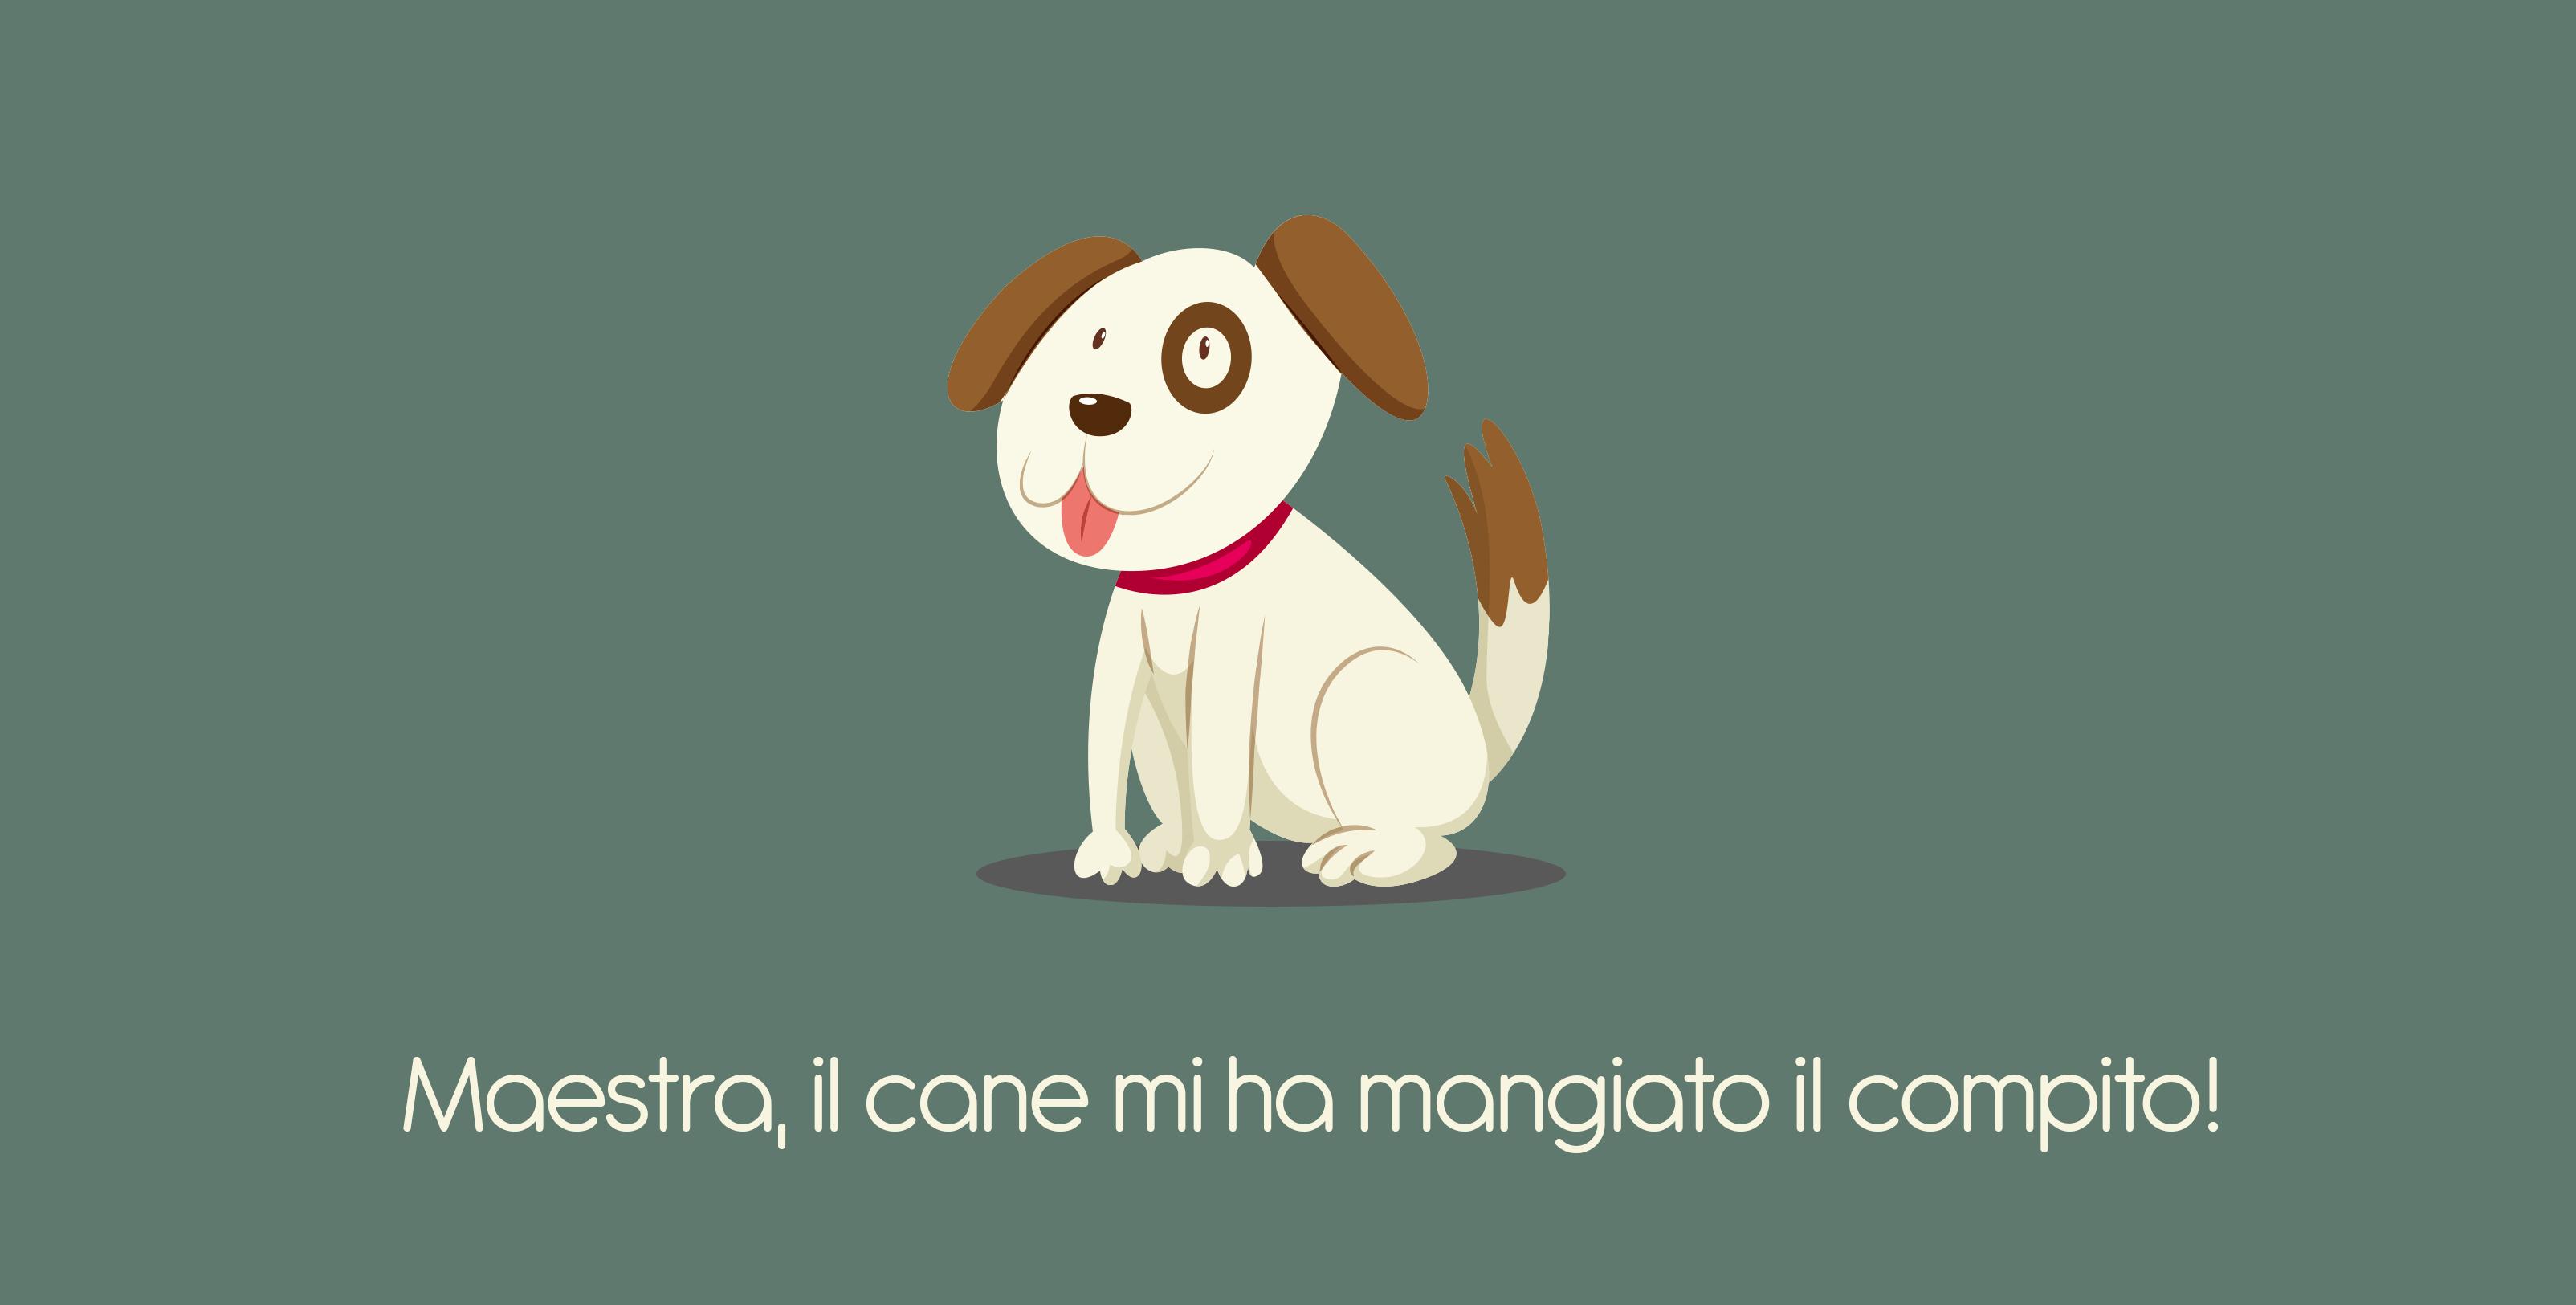 maestra il cane - il blog del dottormic